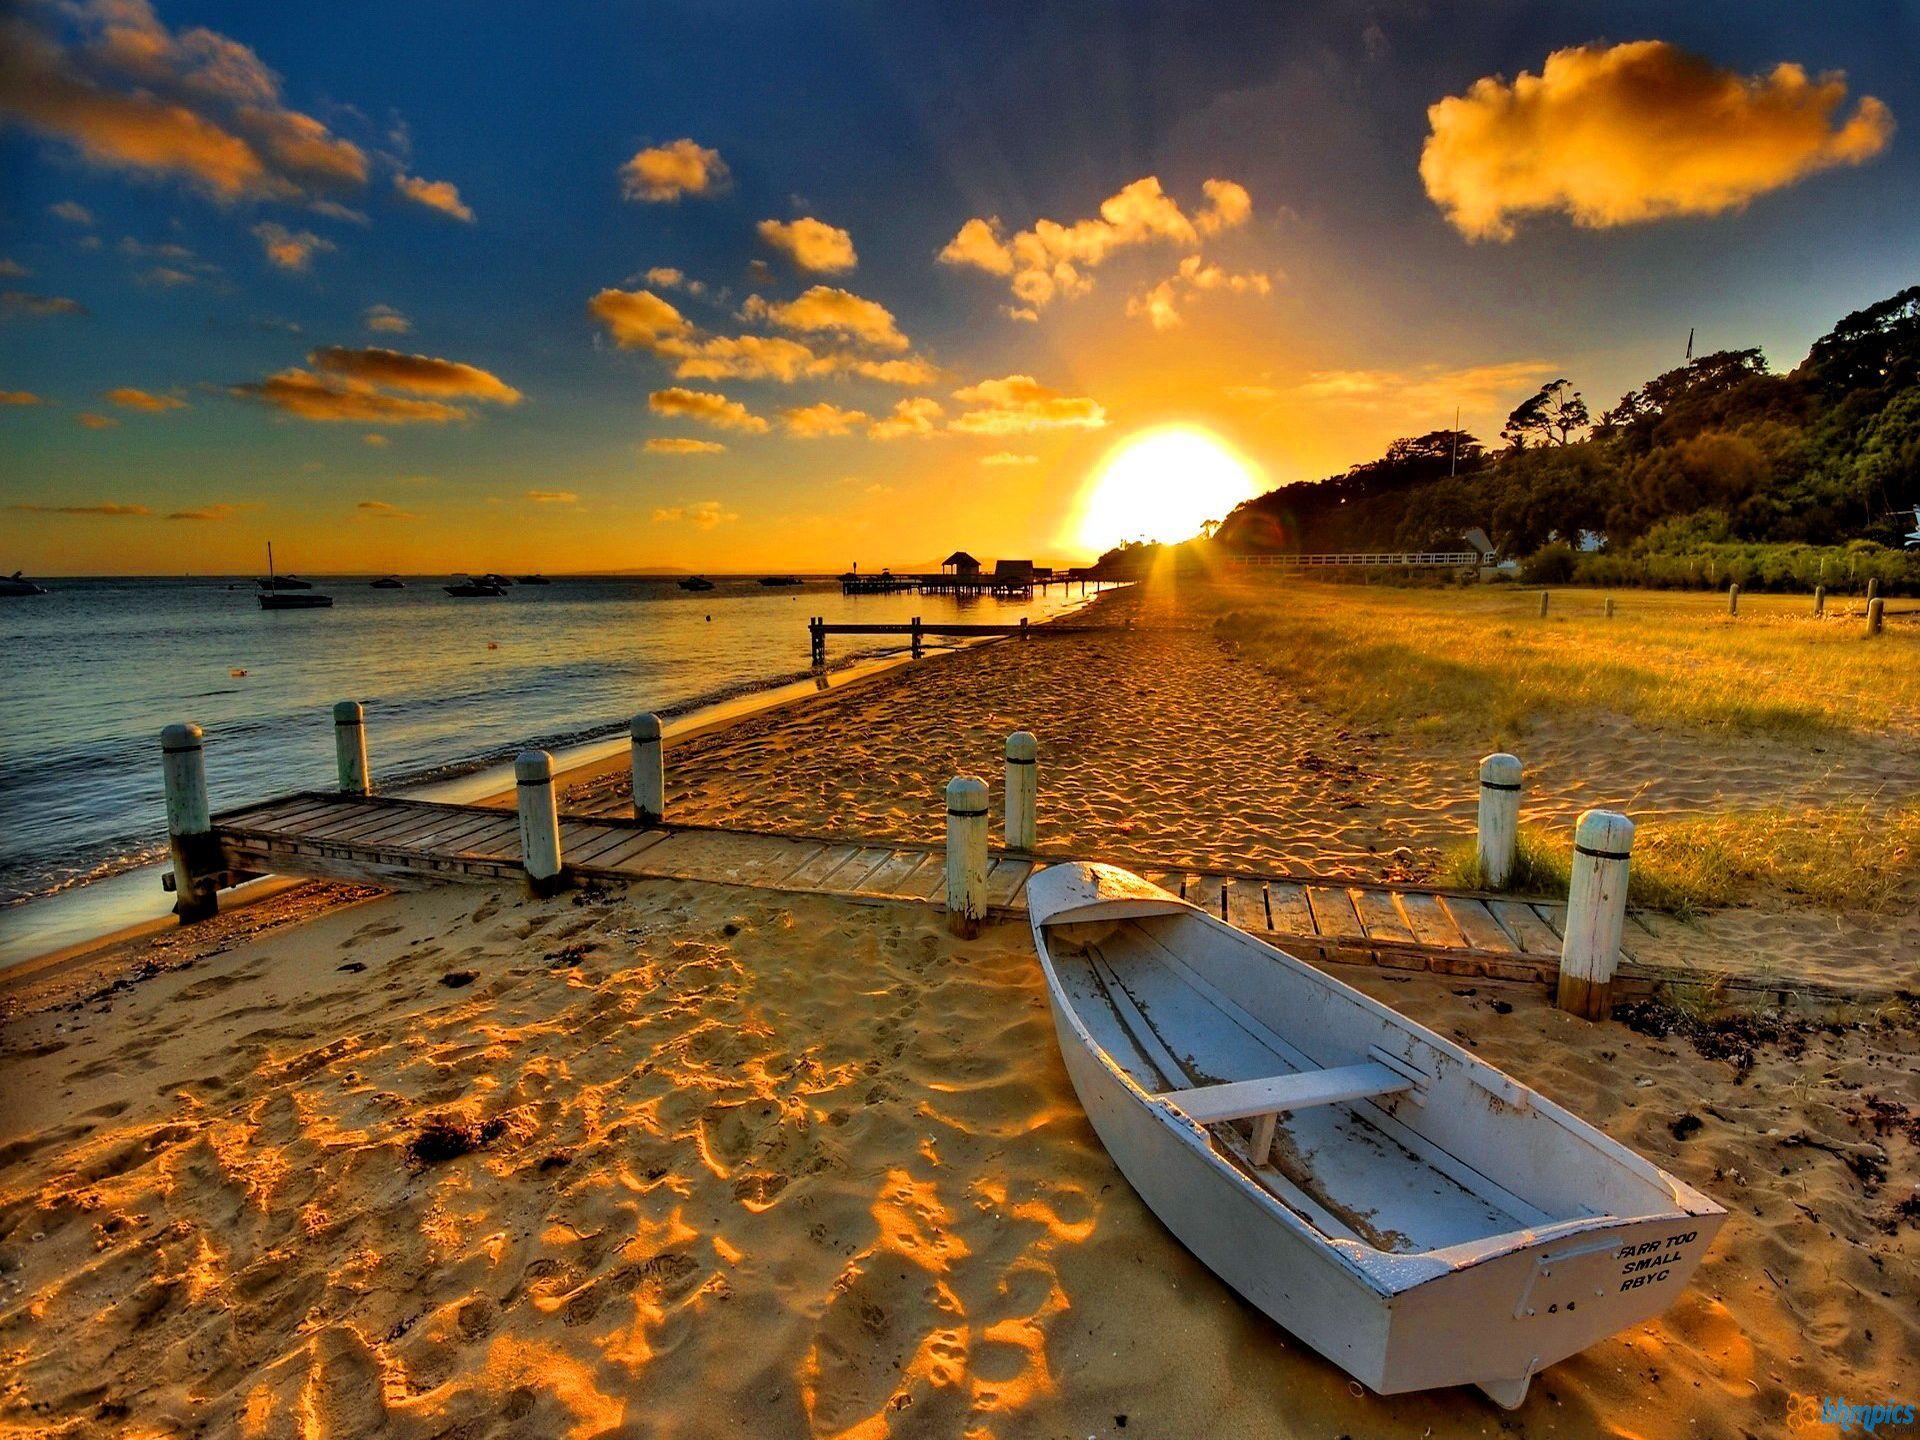 1920x1440 Beach Sunset Wallpaper High Definition 2352